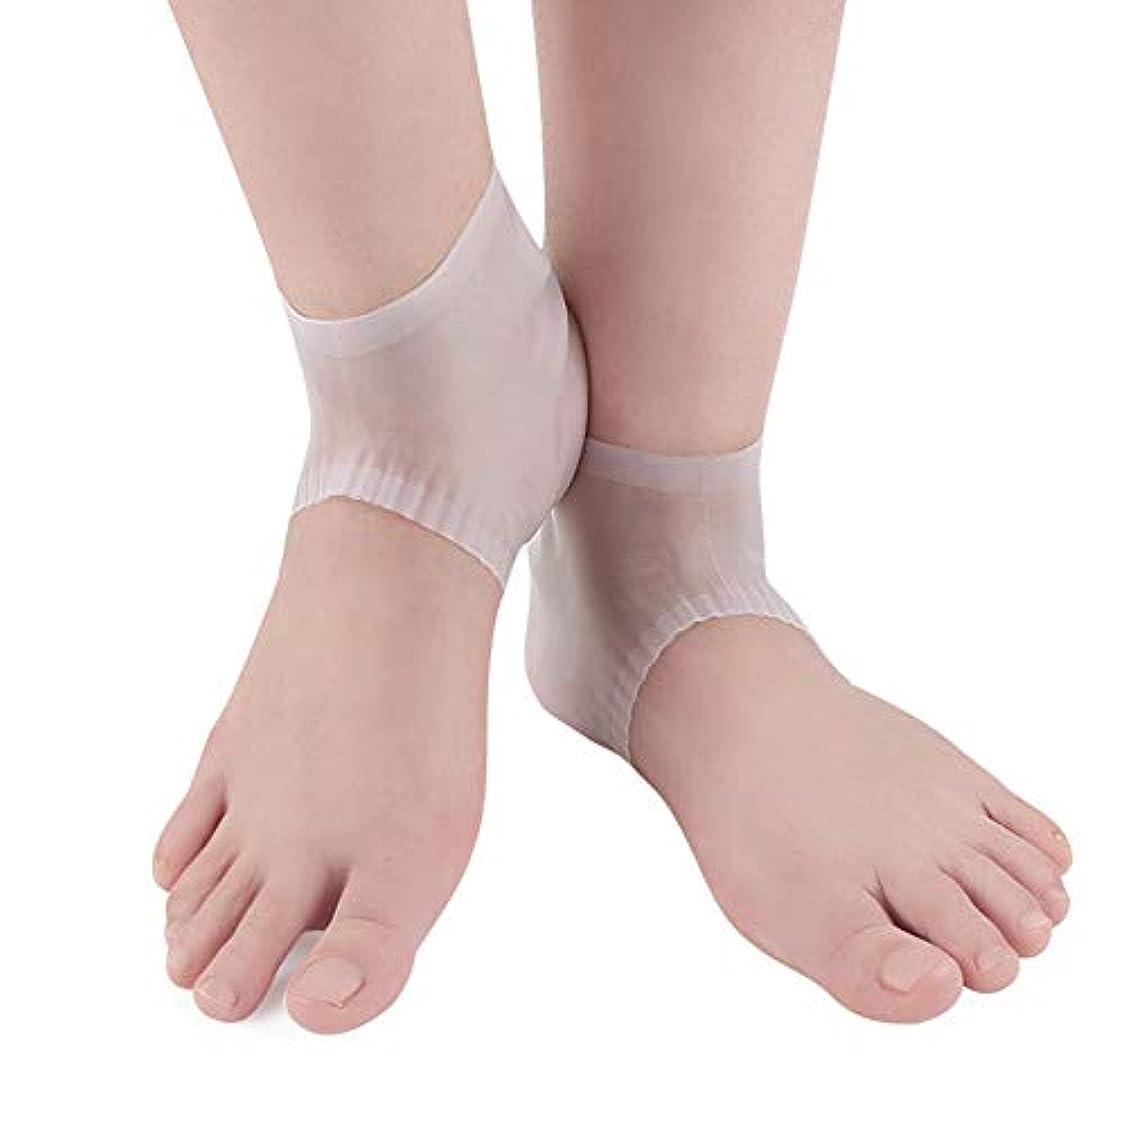 自然なひびの入ったヒールトリートメント-ジェルソックス、ヒールペインリリーフ-足底筋膜炎、アキレス腱炎、カルス、骨棘を治療します。